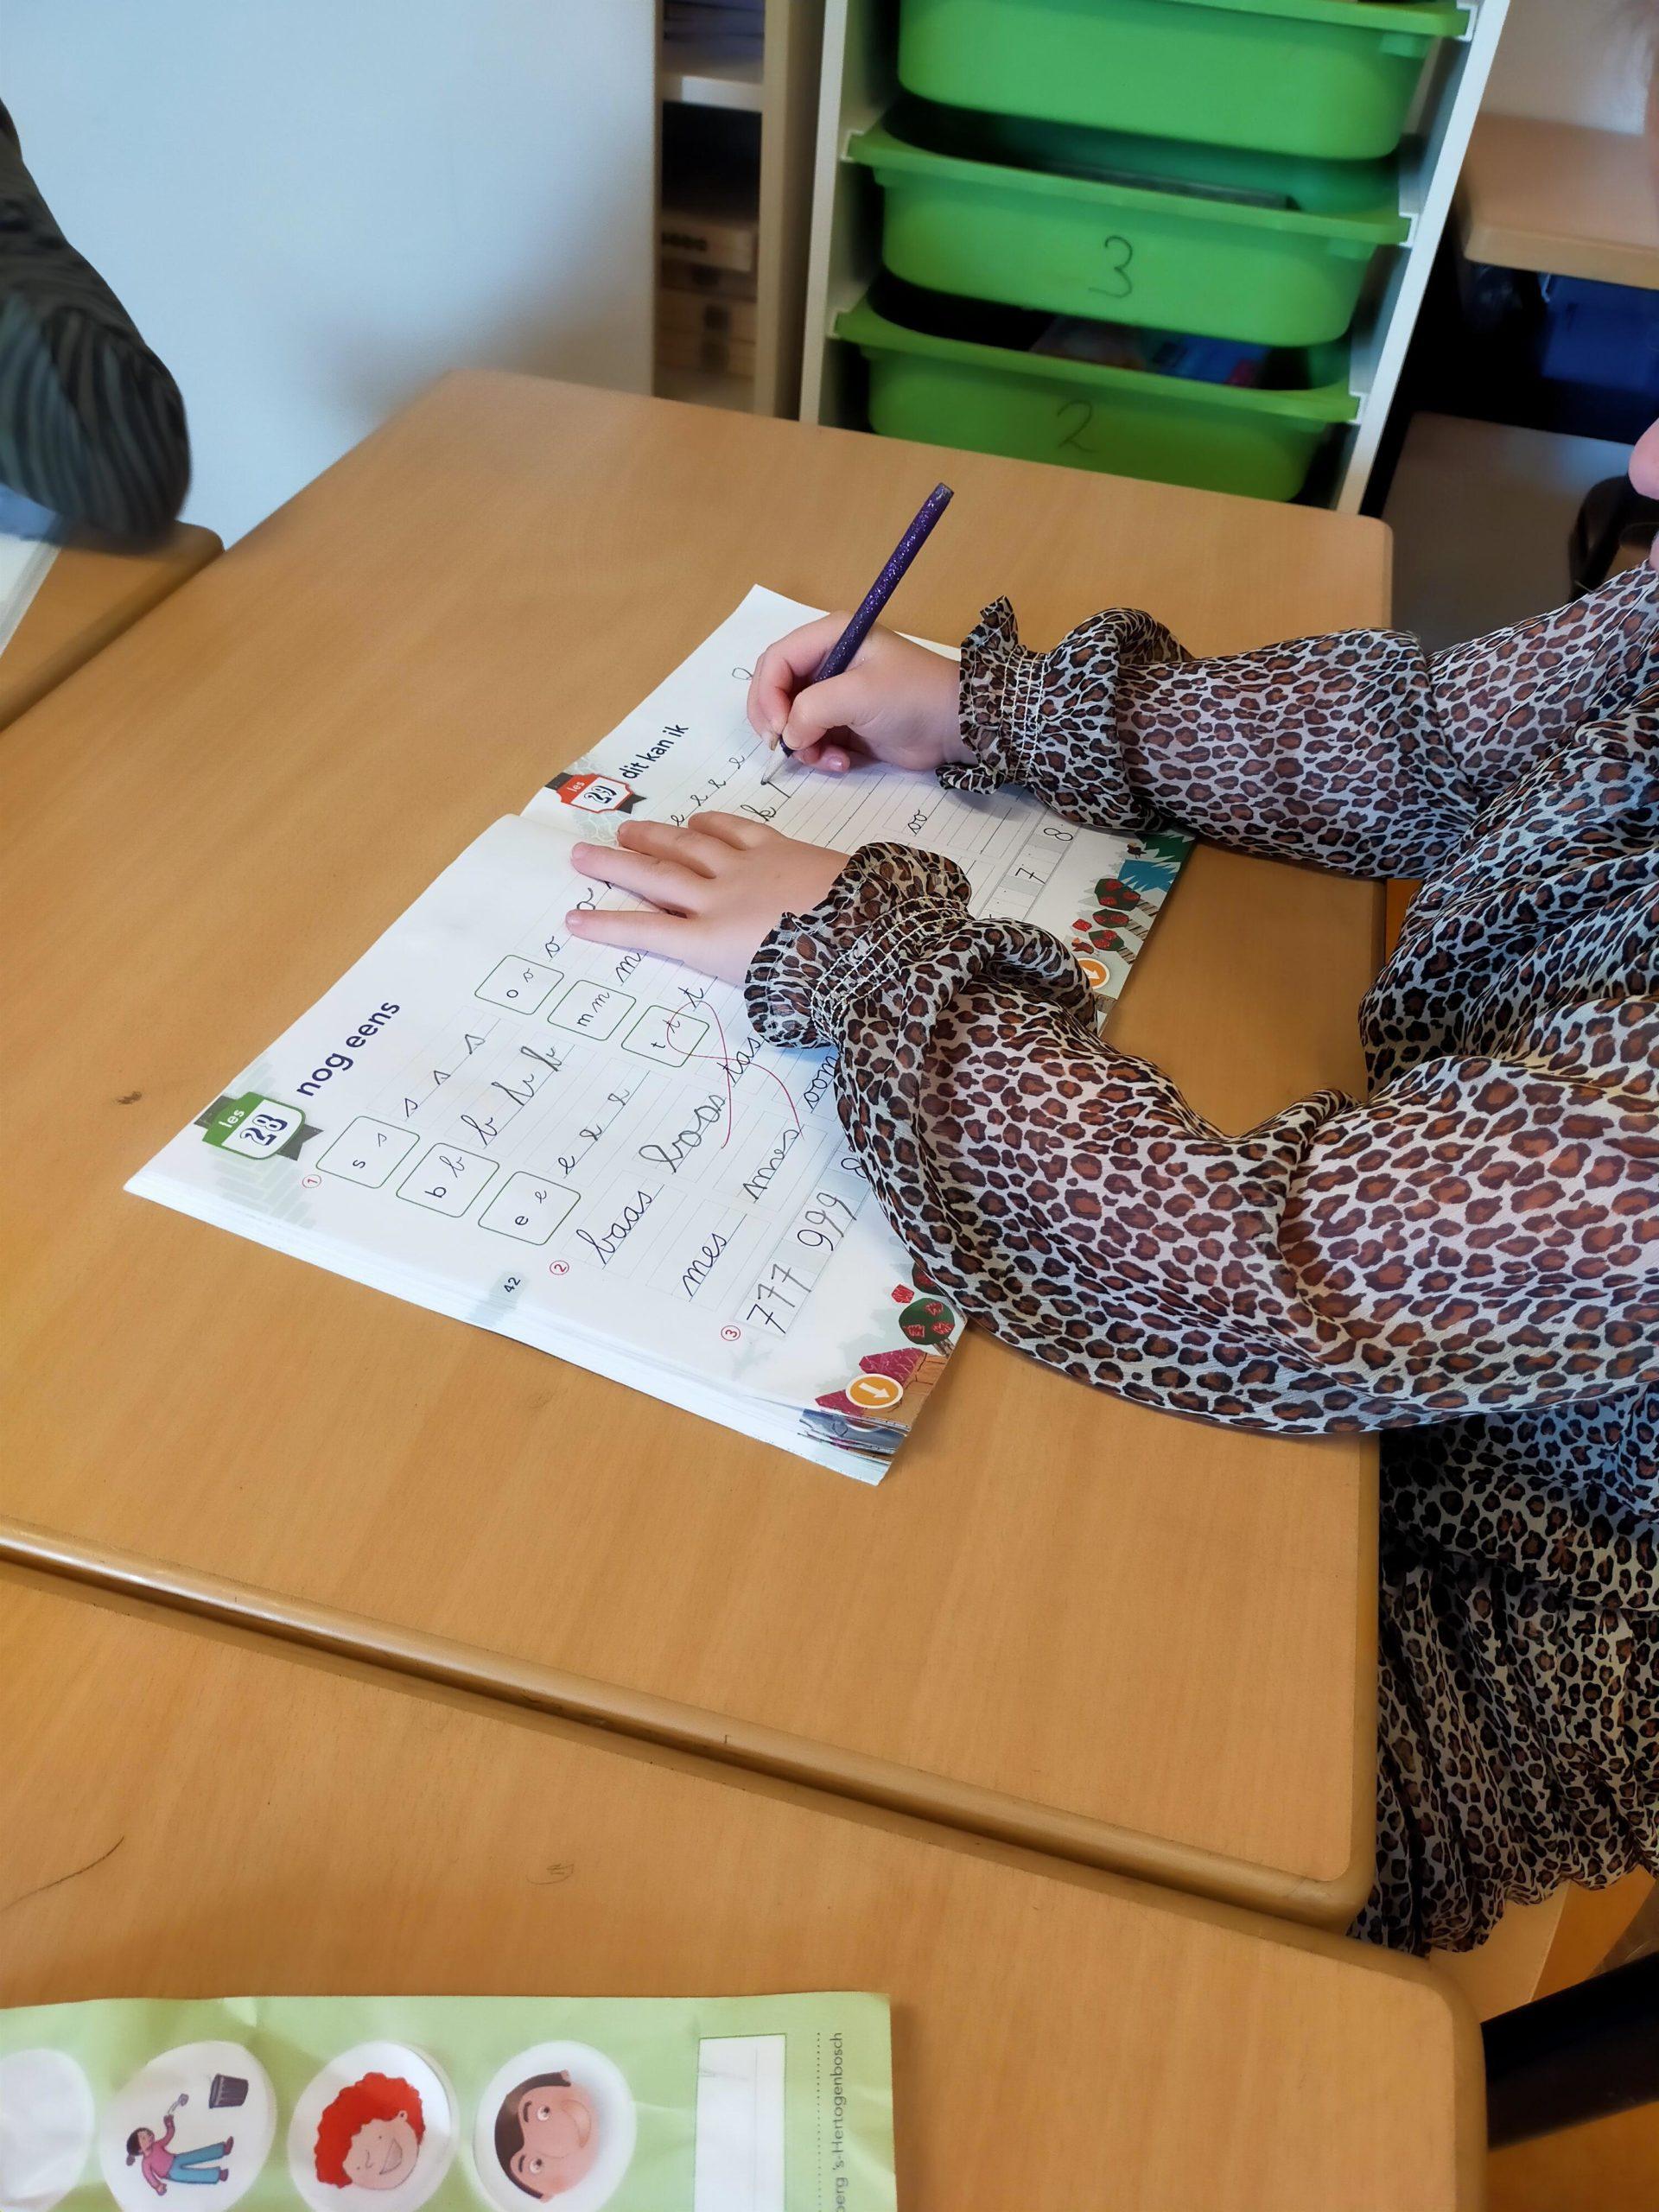 Dit meisje leert schrijven in groep 3. Wij delen schrijftips om de schrijfontwikkeling te stimuleren